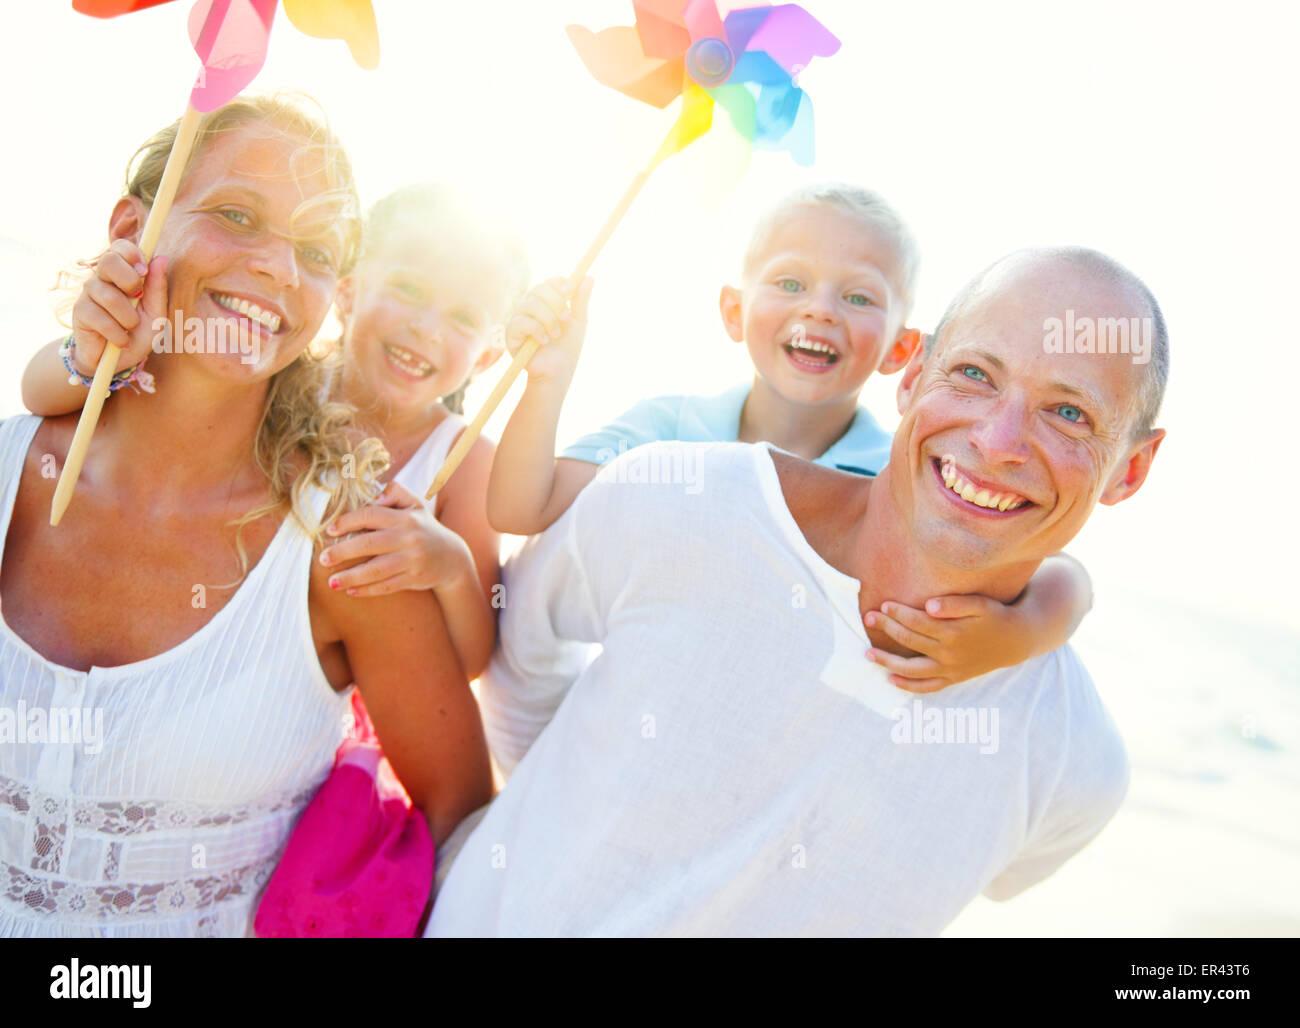 Famiglia giovane godendo le loro vacanze estive. Immagini Stock